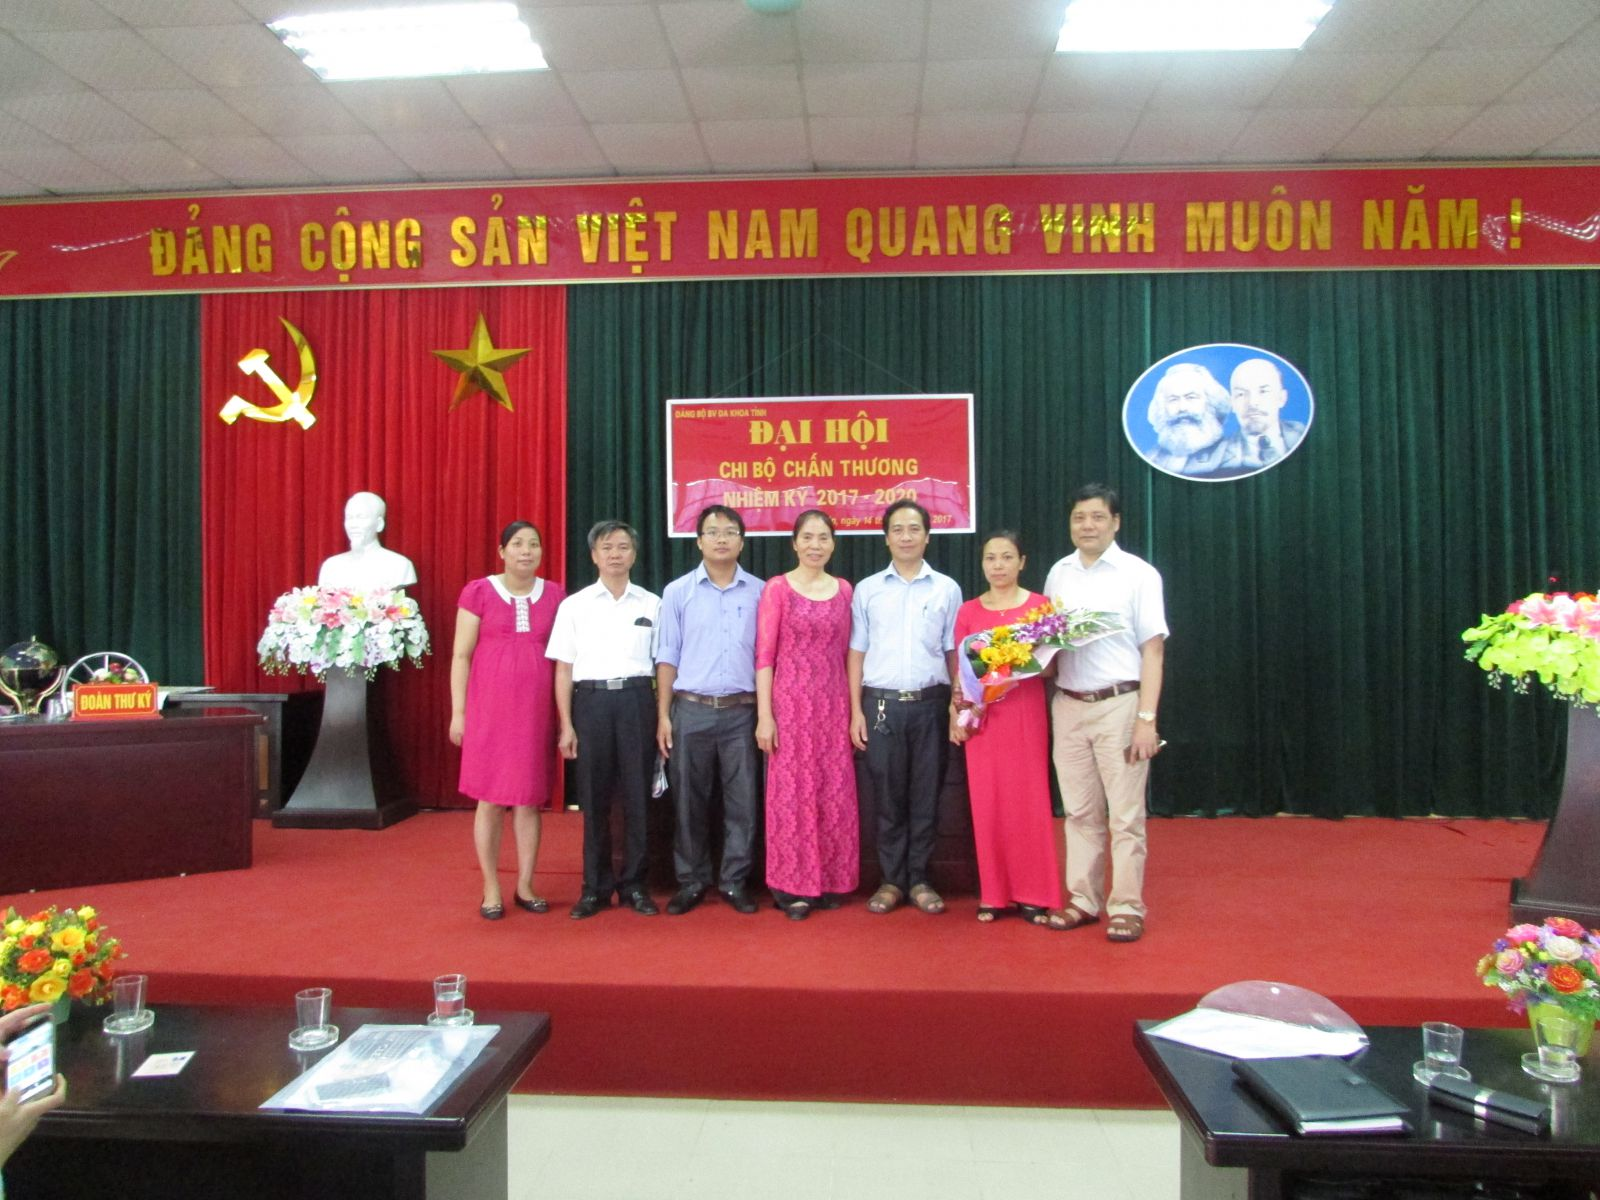 Một số hình ảnh Đại hội các chi bộ thuộc Đảng bộ Bệnh viện đa khoa tỉnh Hưng Yên